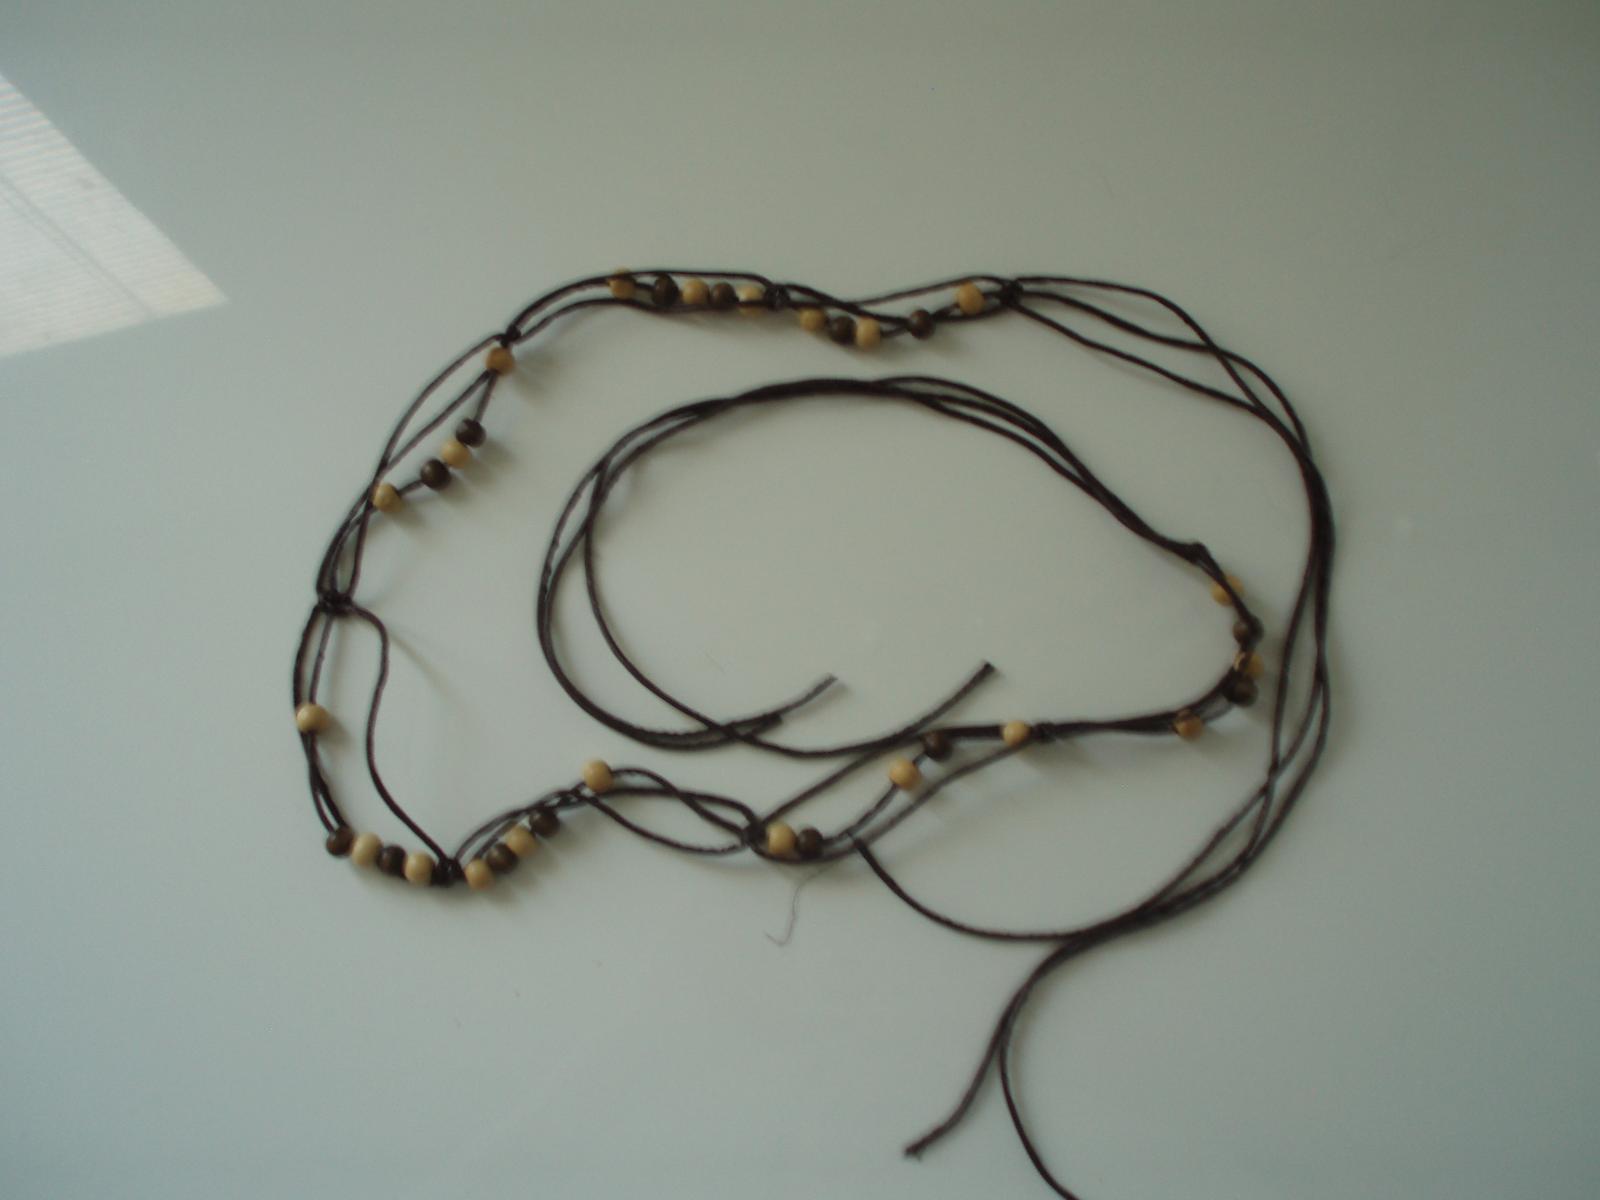 Indiánsky opasok s korálkami - Obrázok č. 1